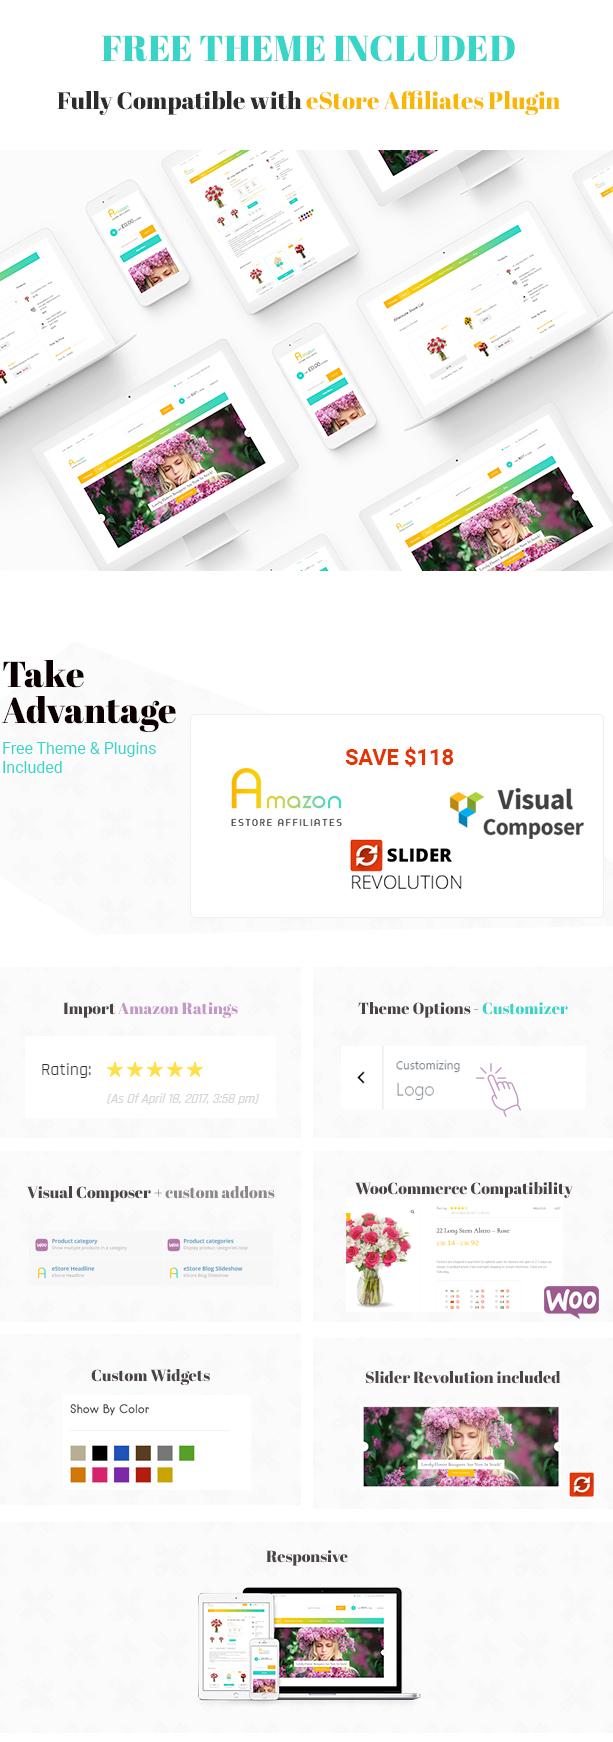 Amazon eStore Affiliates Plugin - 2 amazon estore affiliates plugin - estore theme - Amazon eStore Affiliates Plugin